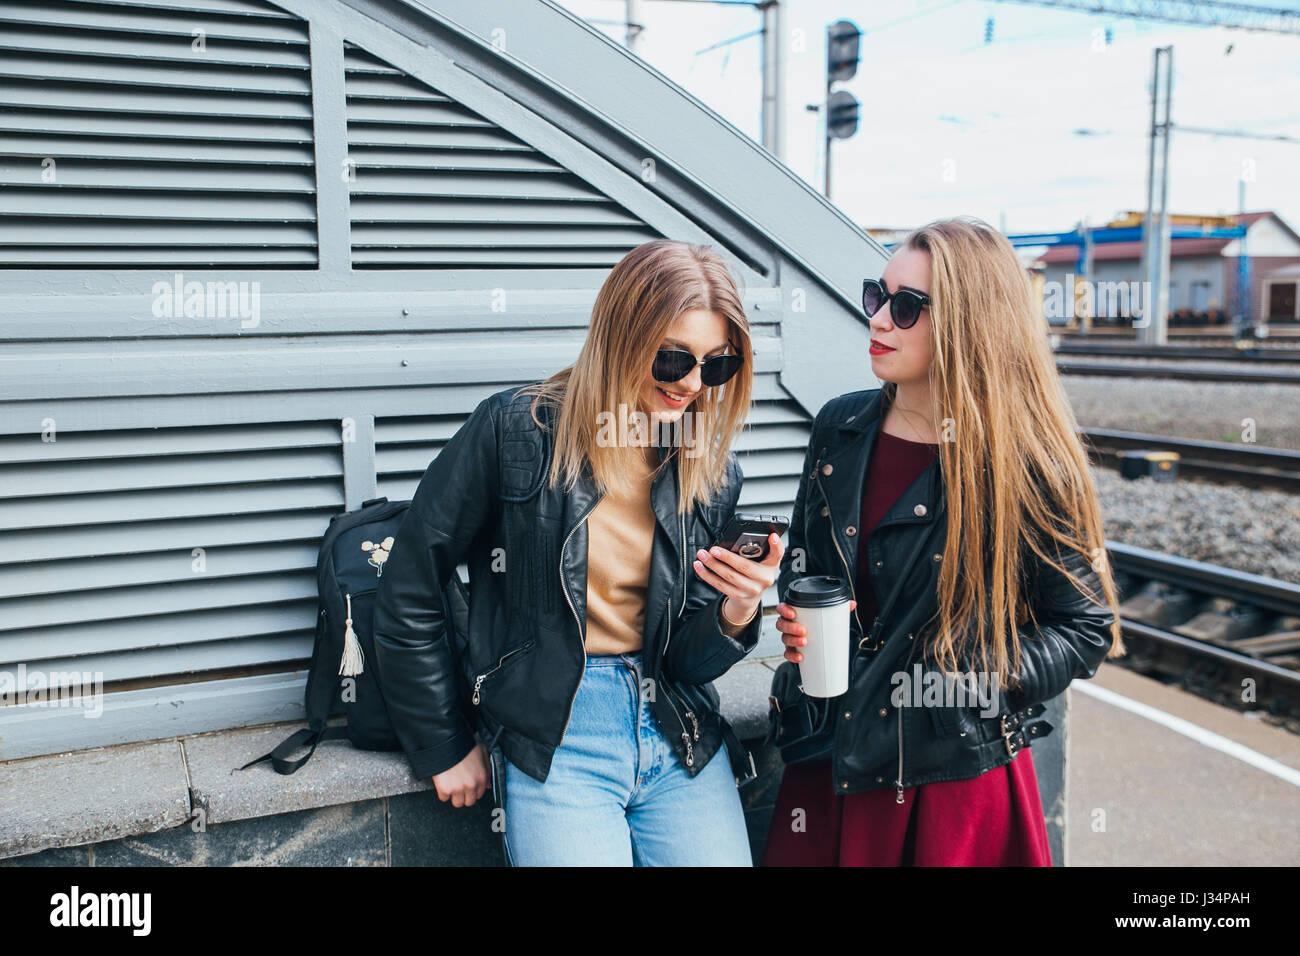 Dos mujeres hablando en la ciudad.Outdoor Lifestyle retrato de dos mejores amigos hipster niñas vestían elegante Foto de stock